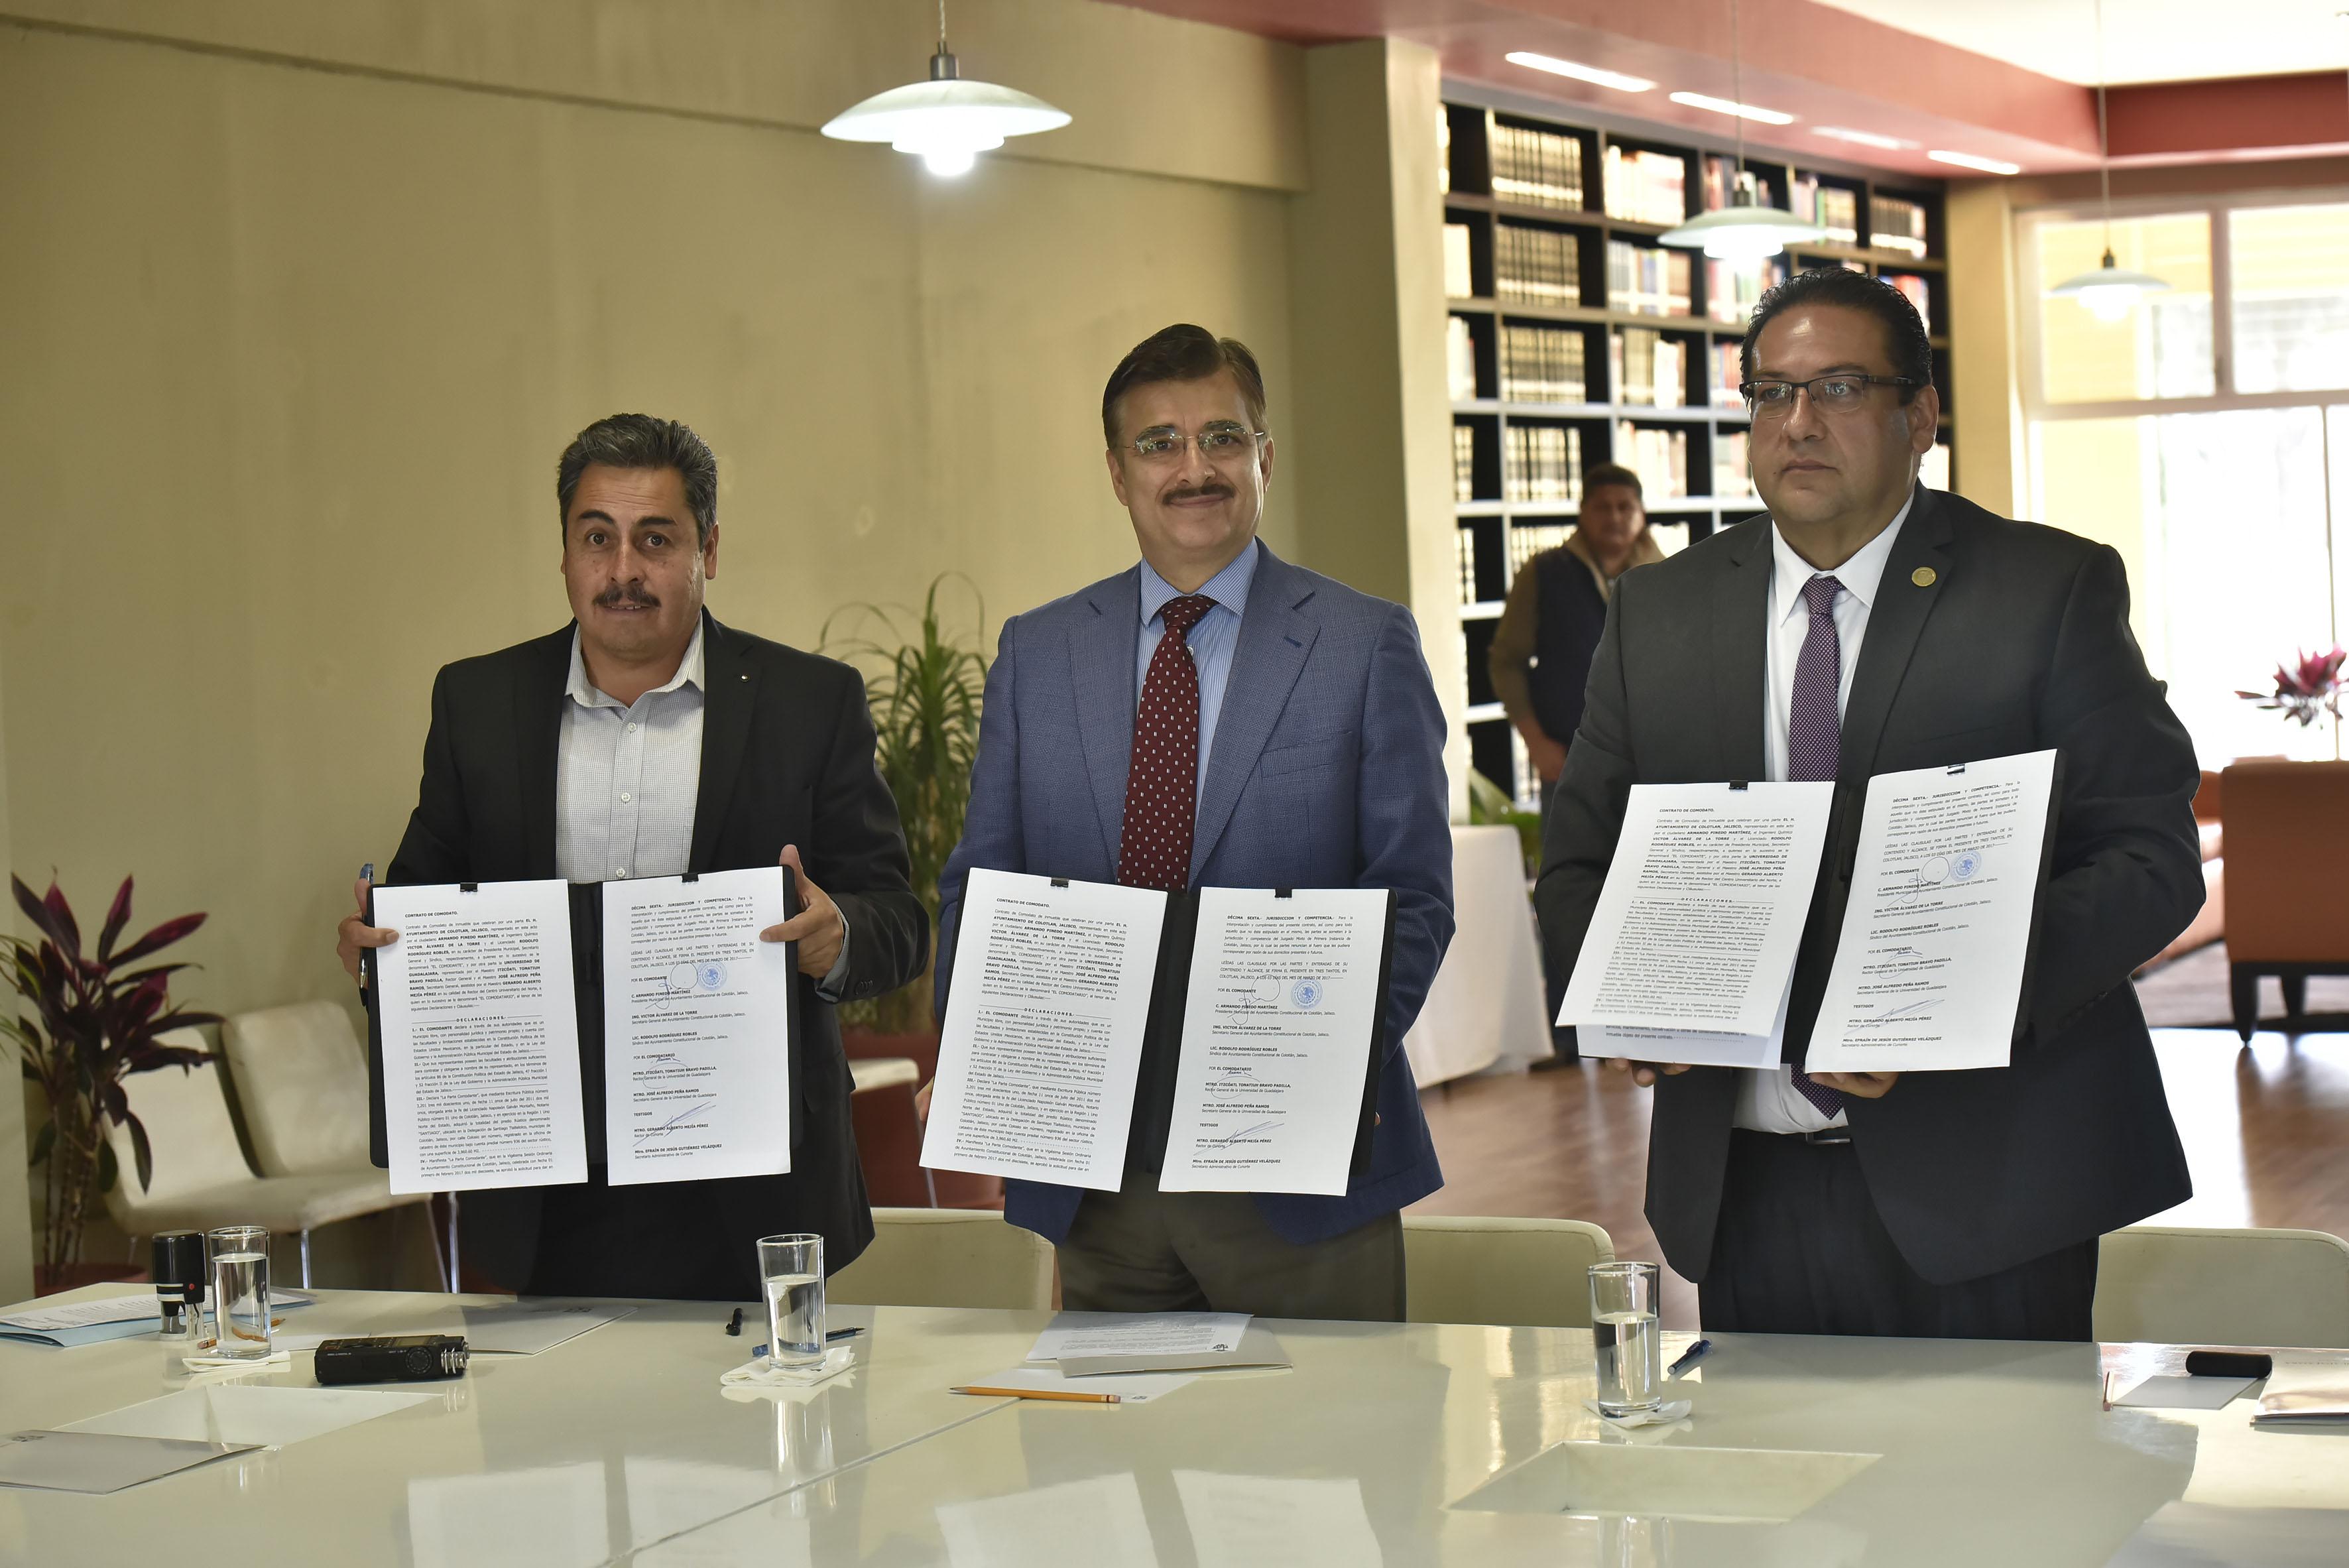 Autoridades de la Universidad de Guadalajara y Armando Pinedo Martínez, Presidente municipal de Colotlán, mostrando contrato firmado.